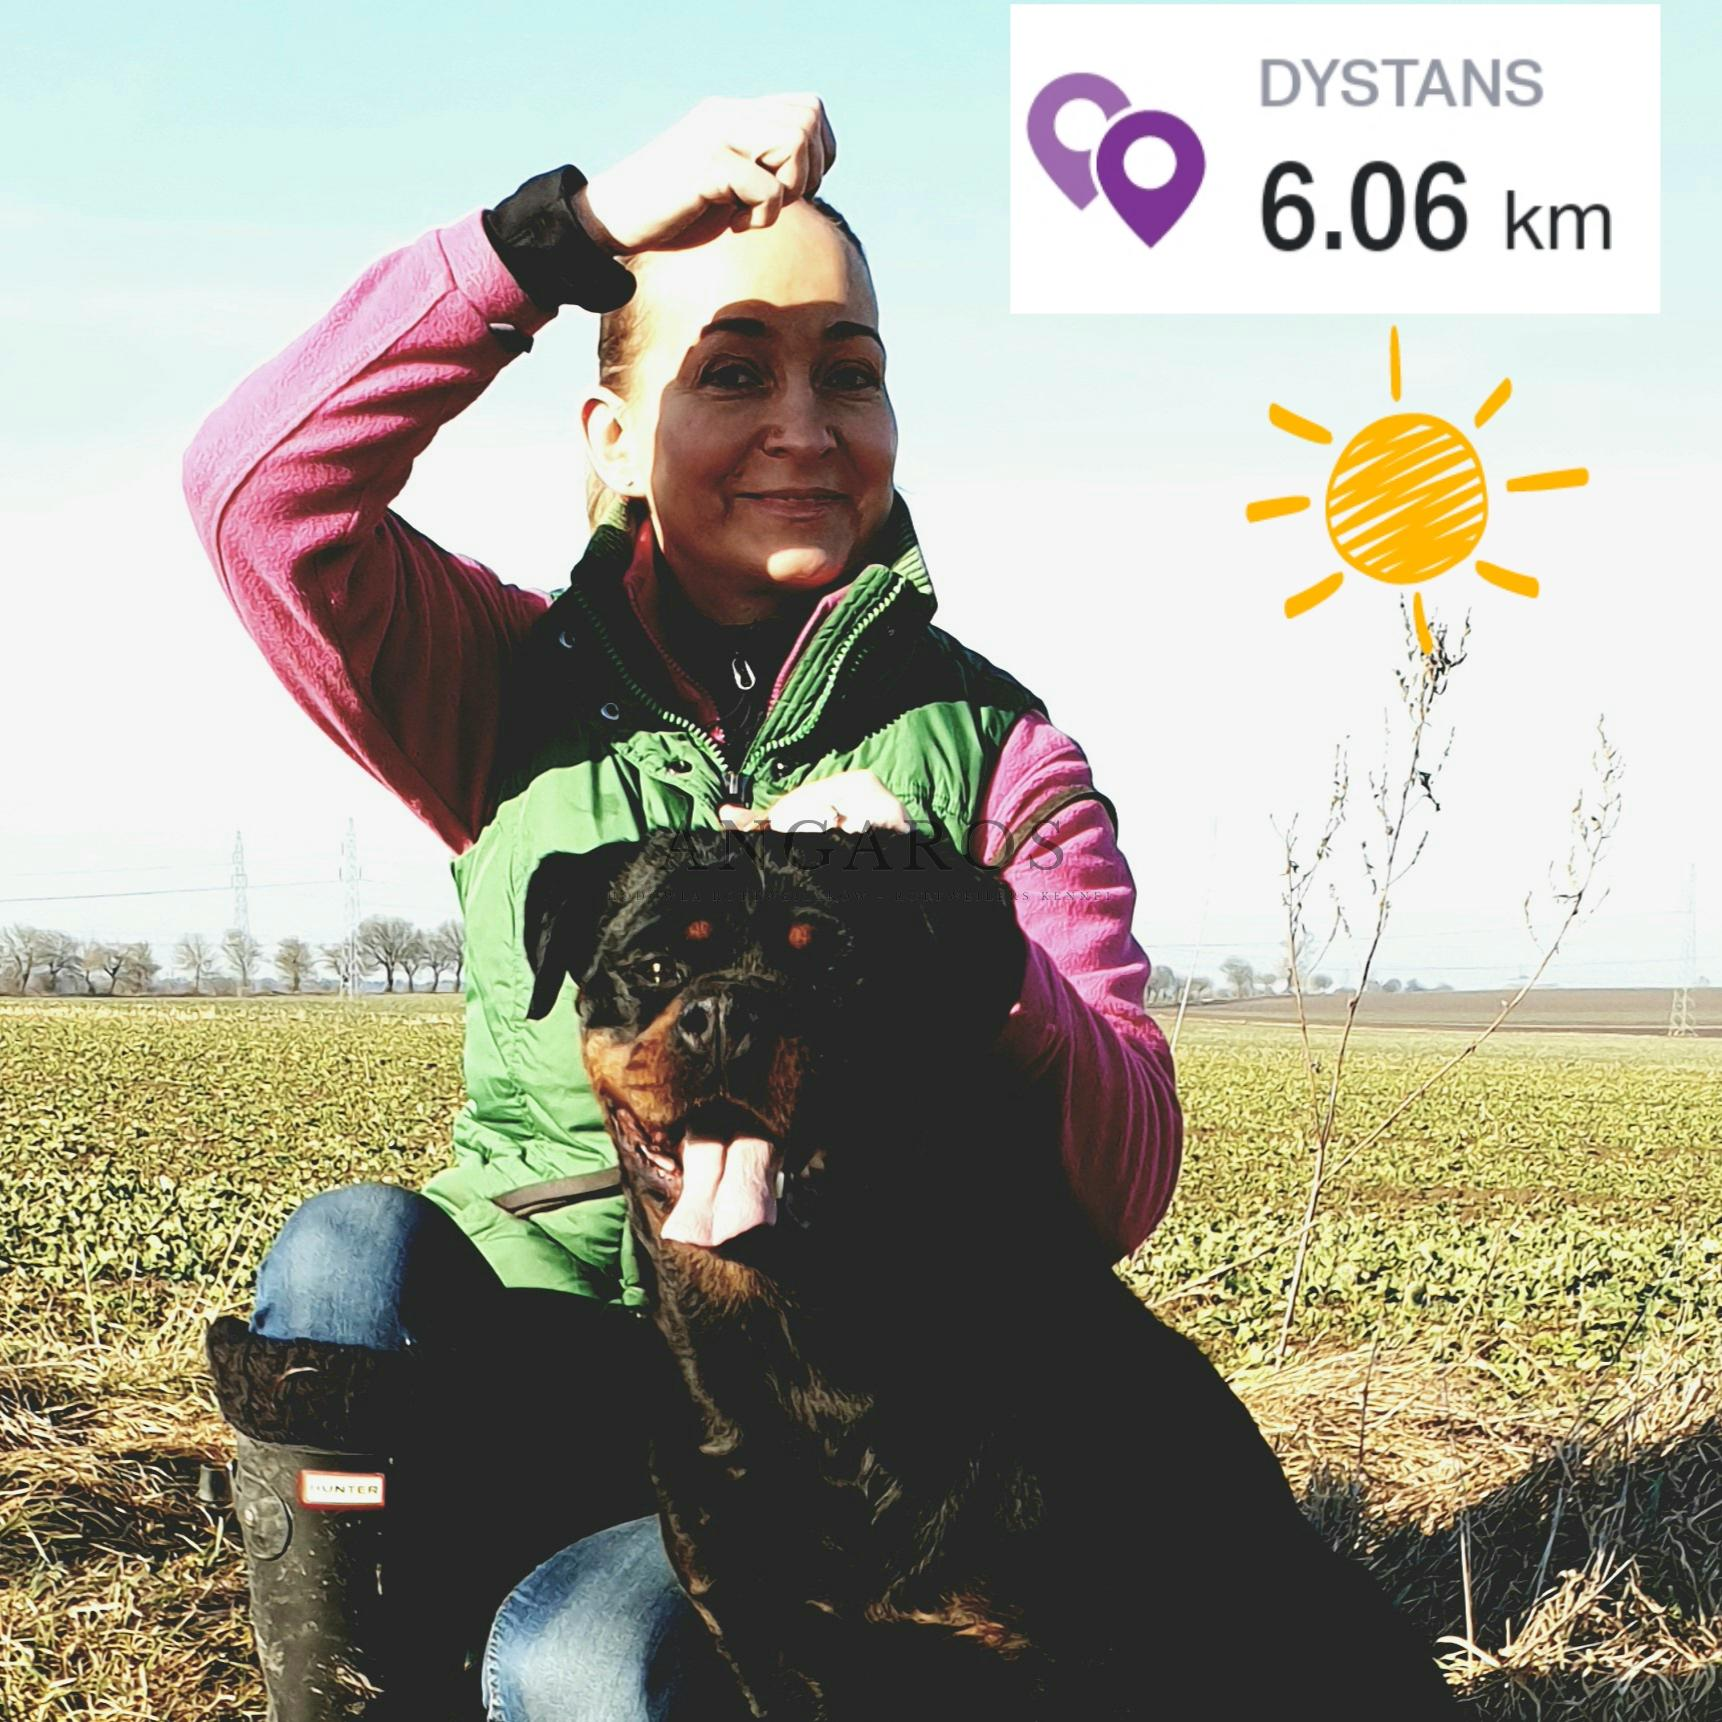 Nareszcie wiosna! Może jeszcze nie kalendarzowa, ale temperatura sprzyja aktywności, nawet mimo rozstopów :-) | Rottweiler - Hodowla Rottweilerów Angaros - Rottweilers - Rottweilery